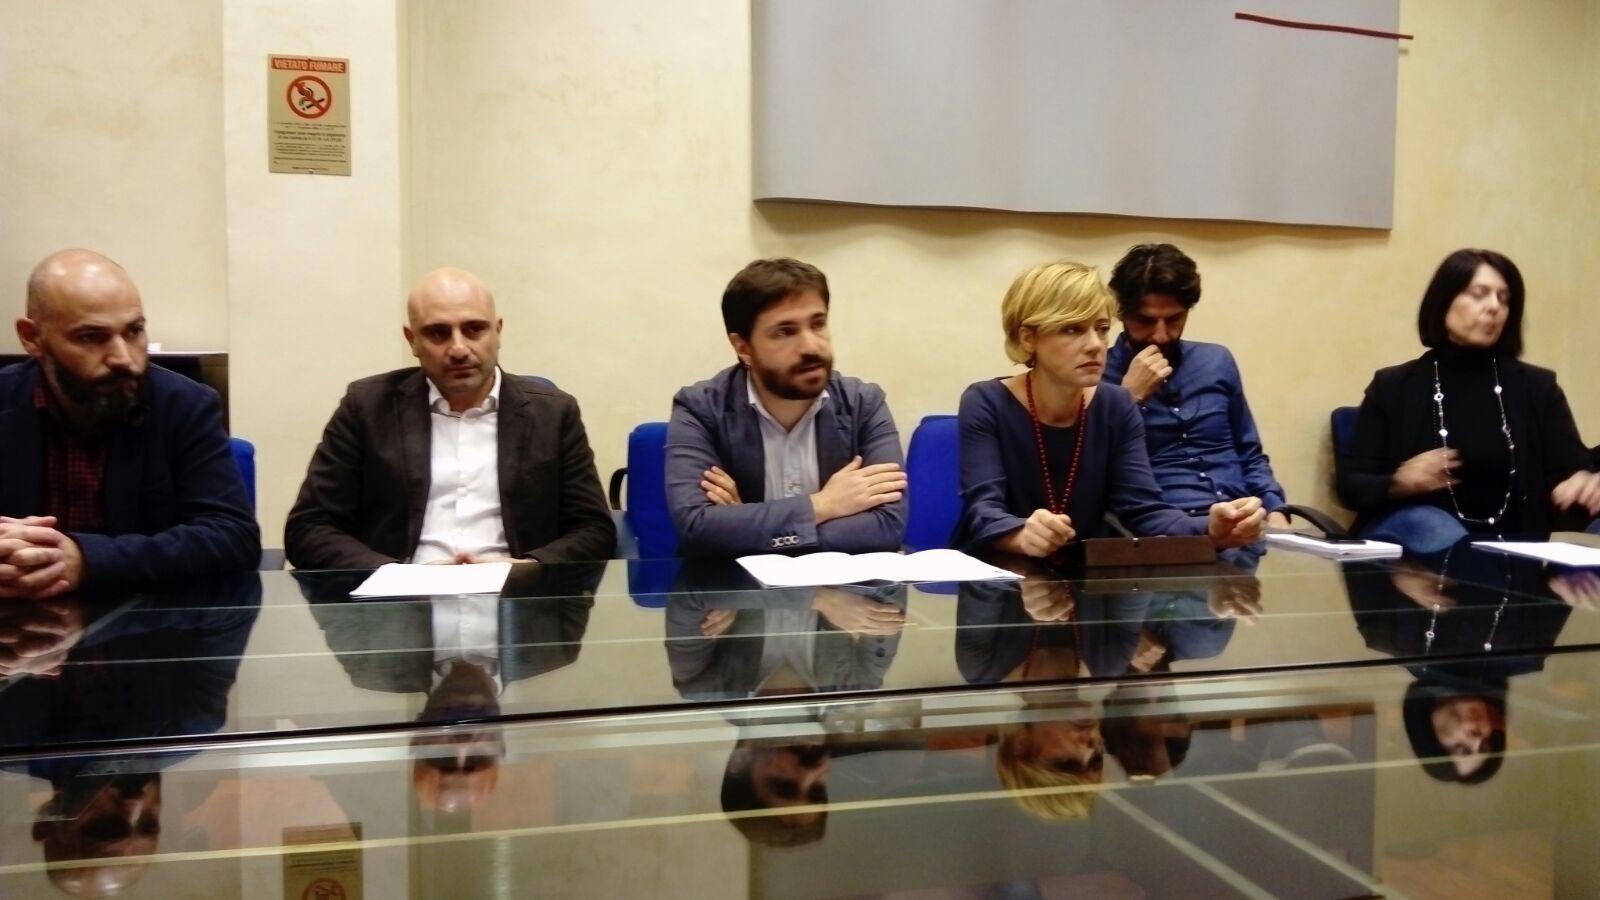 Processo di Bari, terza mozione di sfiducia al Governatore targata Cinque Stelle